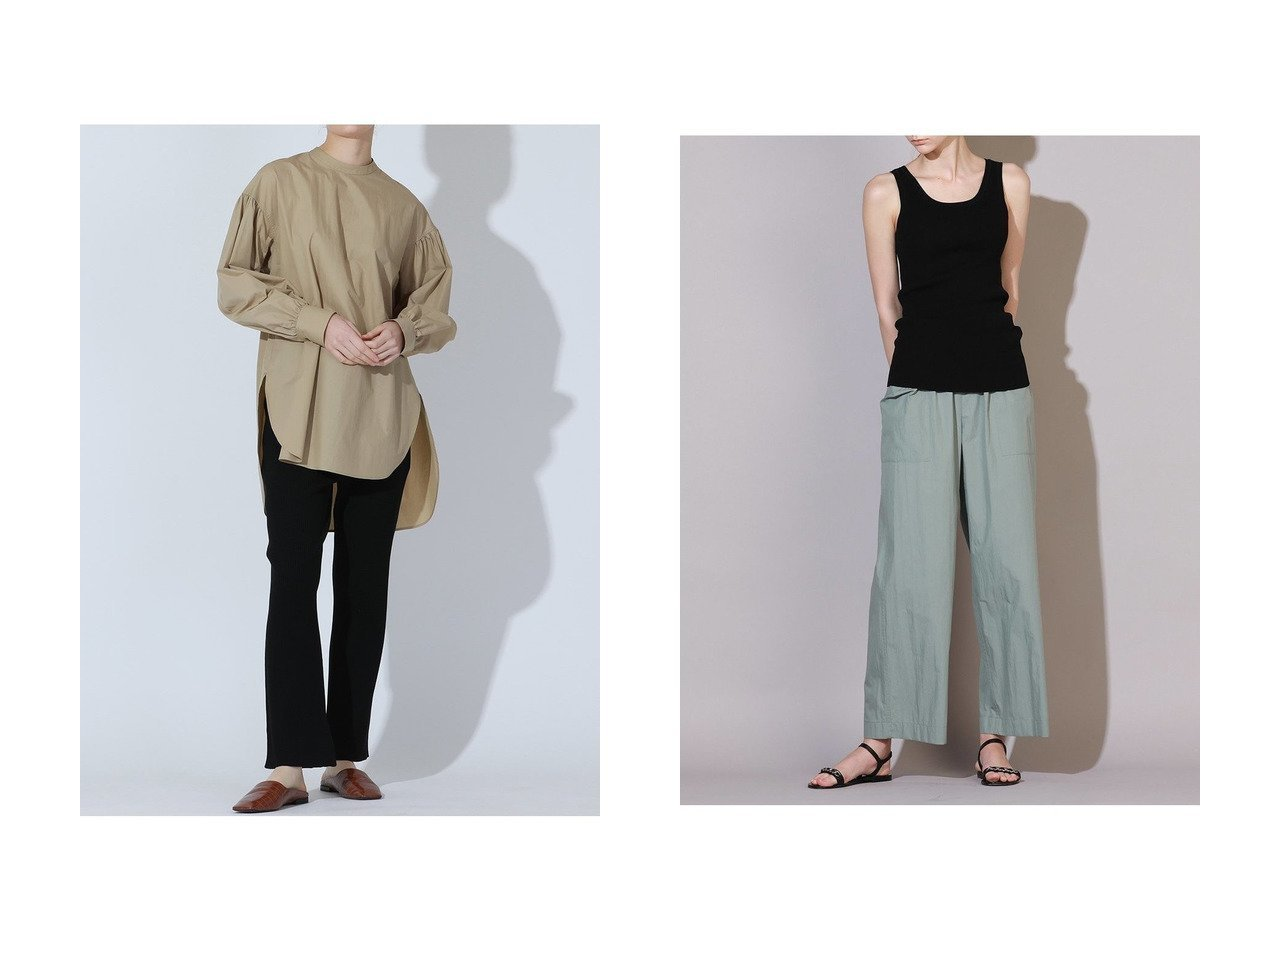 【ESSEN LAUTREAMONT/エッセン ロートレアモン】のメンナイロンダンプパンツ&ニットパンツ 【パンツ】おすすめ!人気、トレンド・レディースファッションの通販 おすすめで人気の流行・トレンド、ファッションの通販商品 インテリア・家具・メンズファッション・キッズファッション・レディースファッション・服の通販 founy(ファニー) https://founy.com/ ファッション Fashion レディースファッション WOMEN パンツ Pants おすすめ Recommend シルク セットアップ ポケット 再入荷 Restock/Back in Stock/Re Arrival カーディガン スリット |ID:crp329100000053375